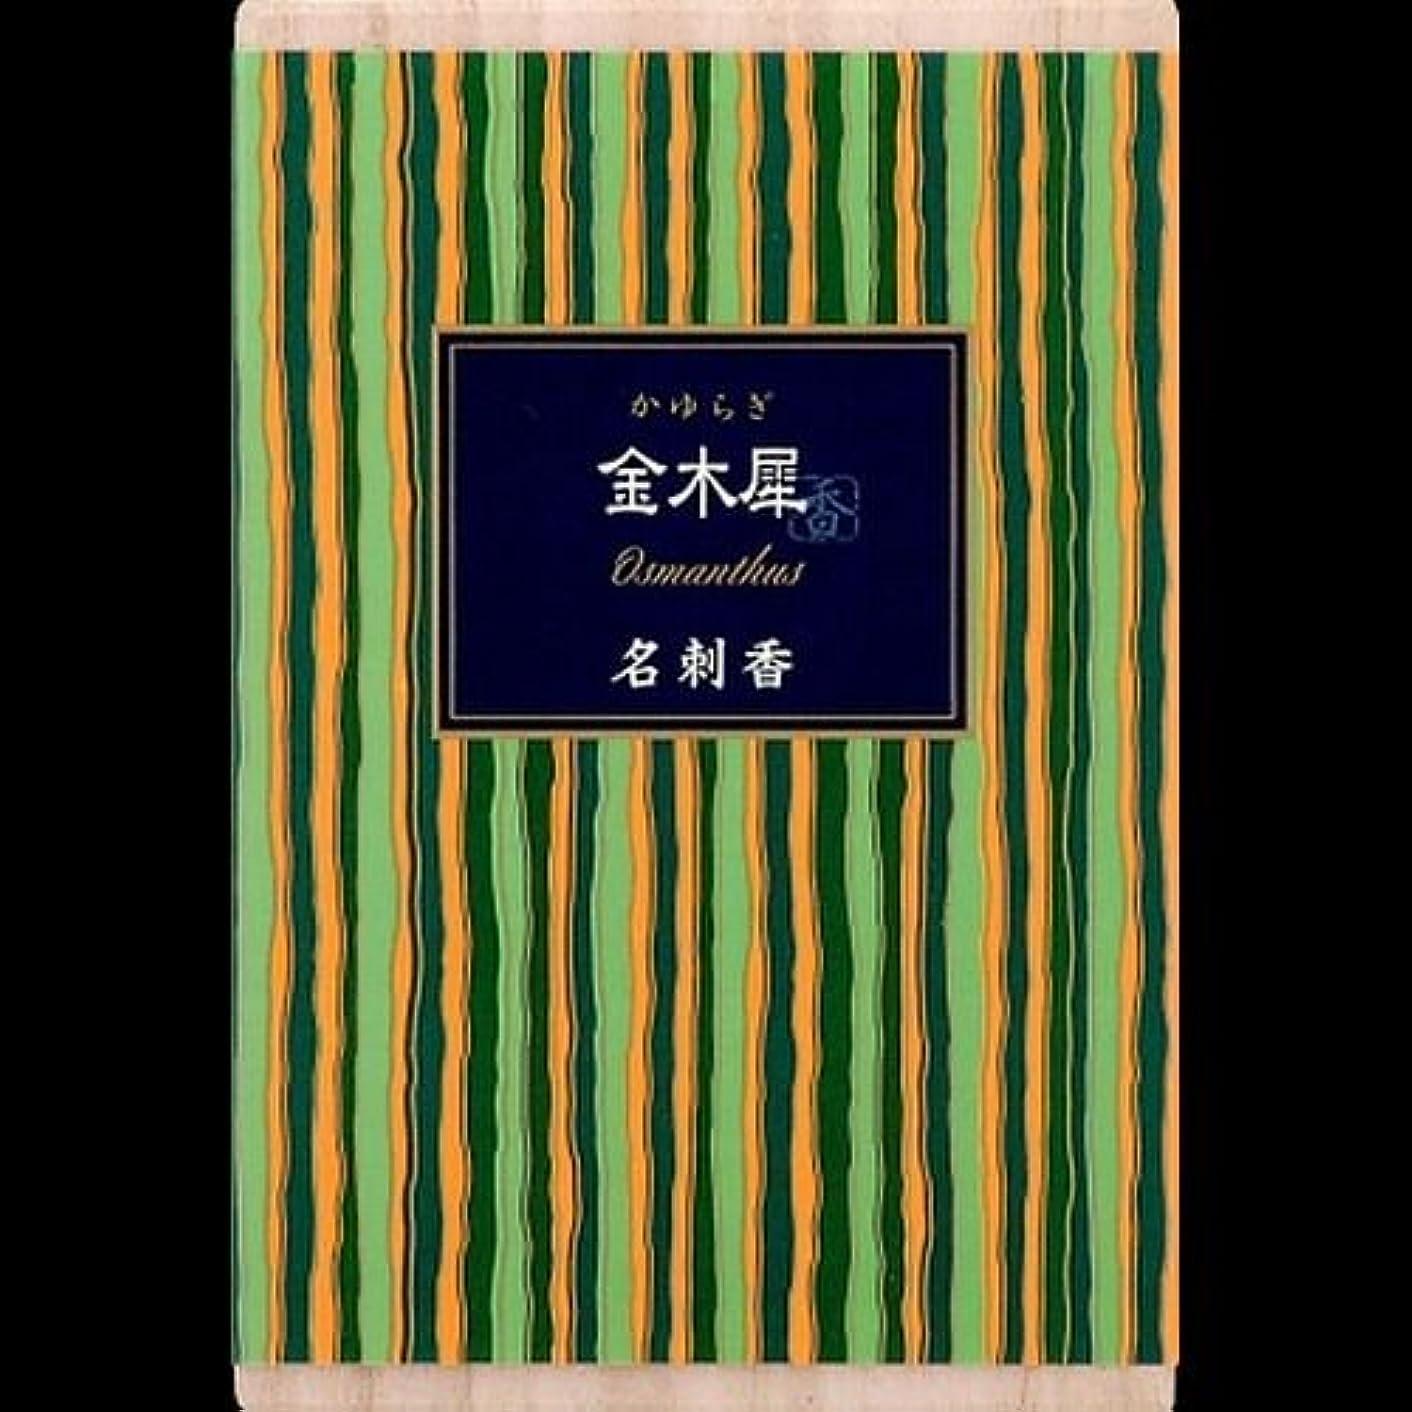 熟達宝時代遅れ【まとめ買い】かゆらぎ 金木犀 名刺香 桐箱 6入 ×2セット